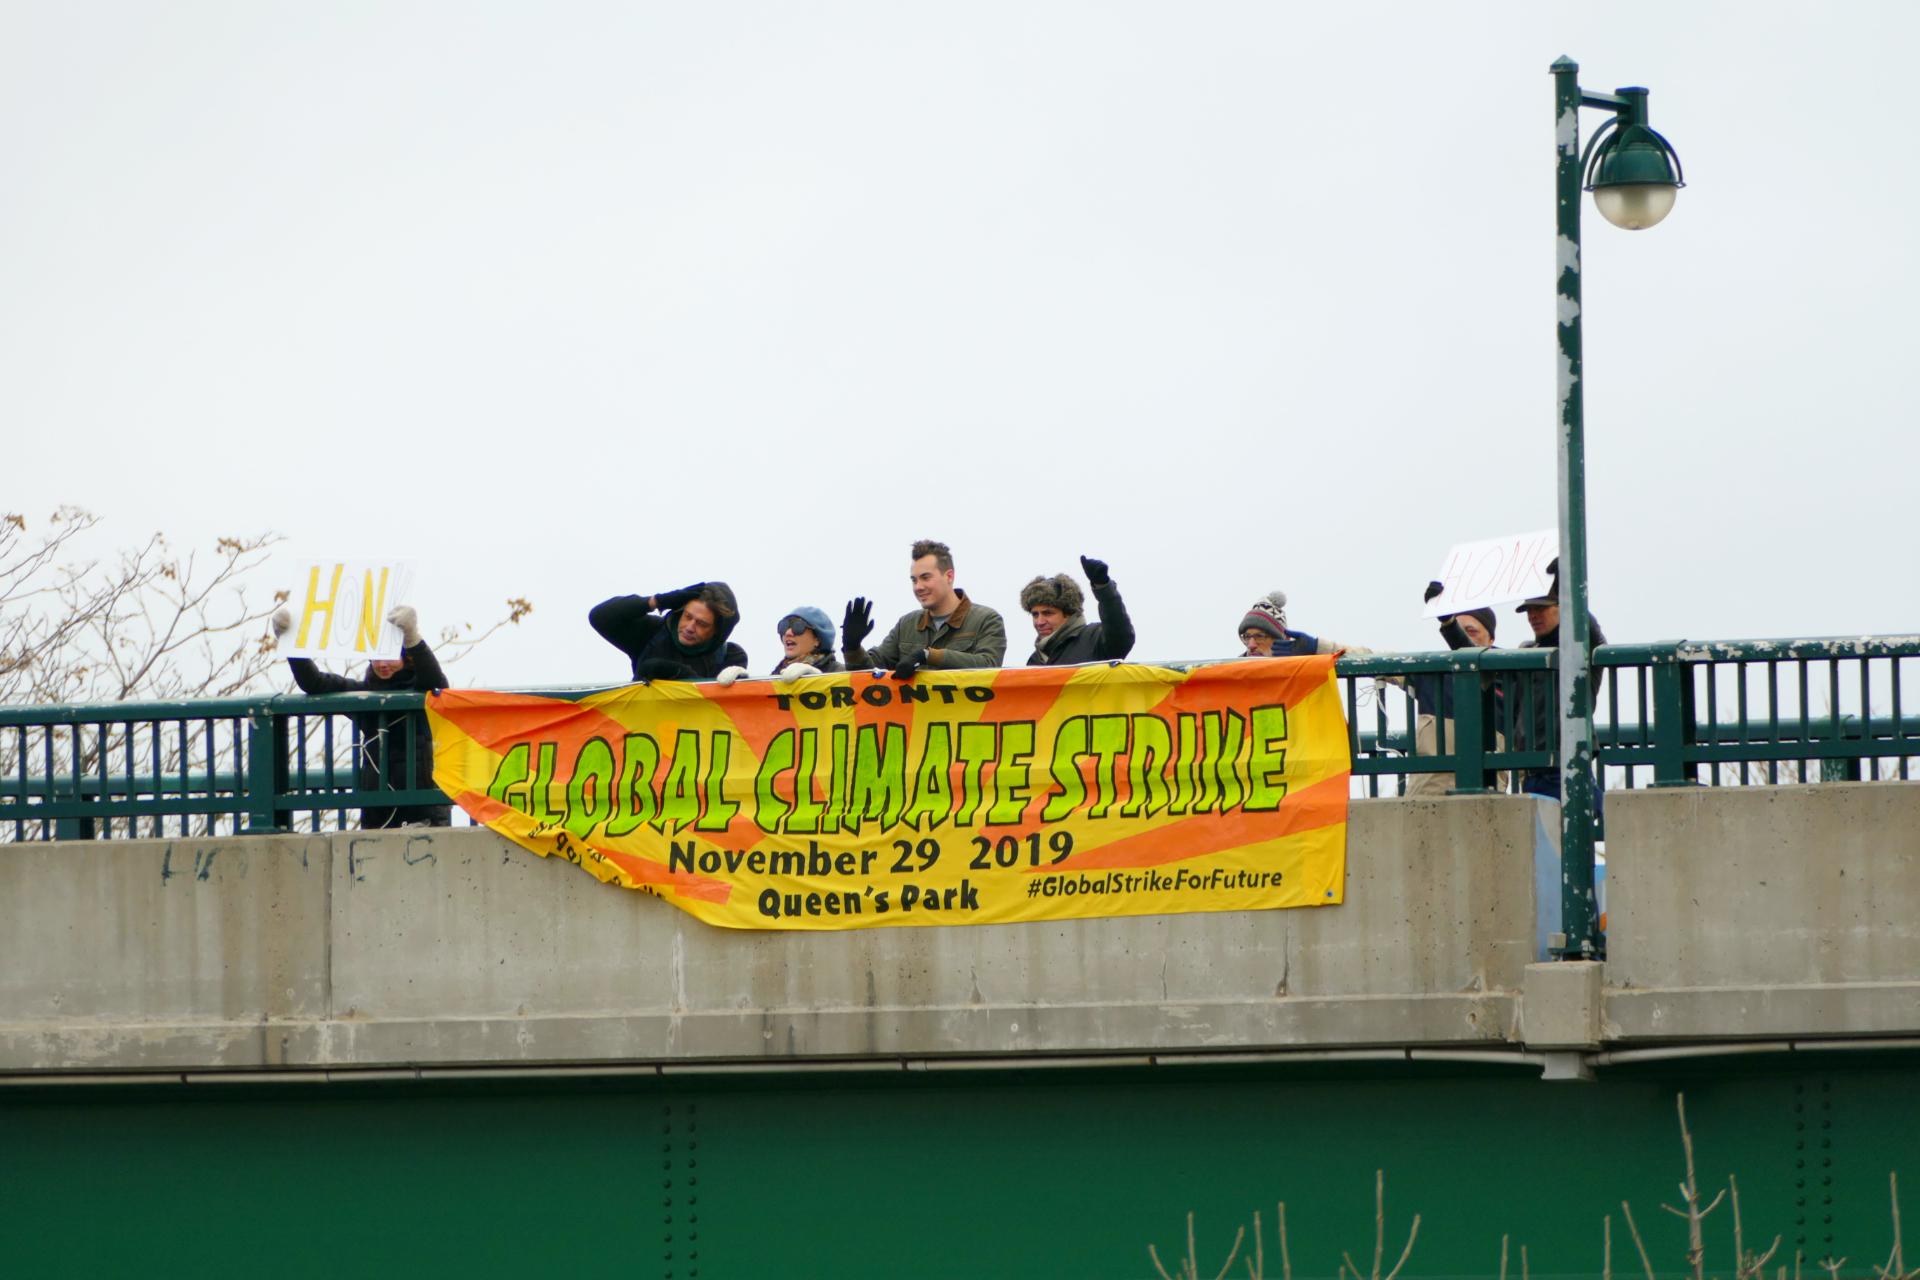 Banner over the Gardiner TO350 November 28, 2019